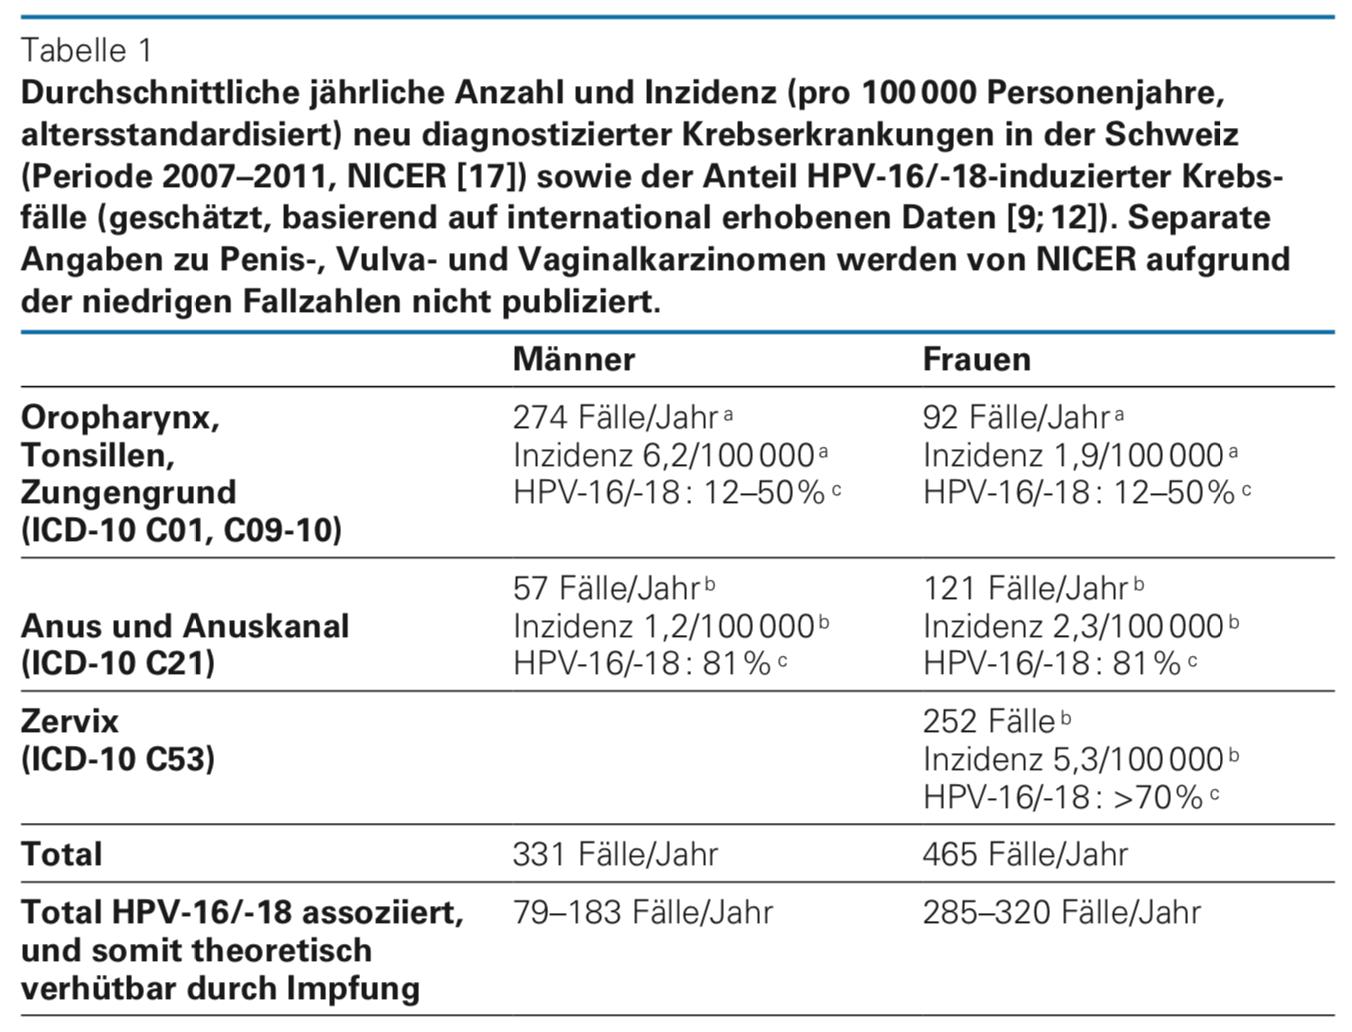 human papilloma virus impfung kosten)